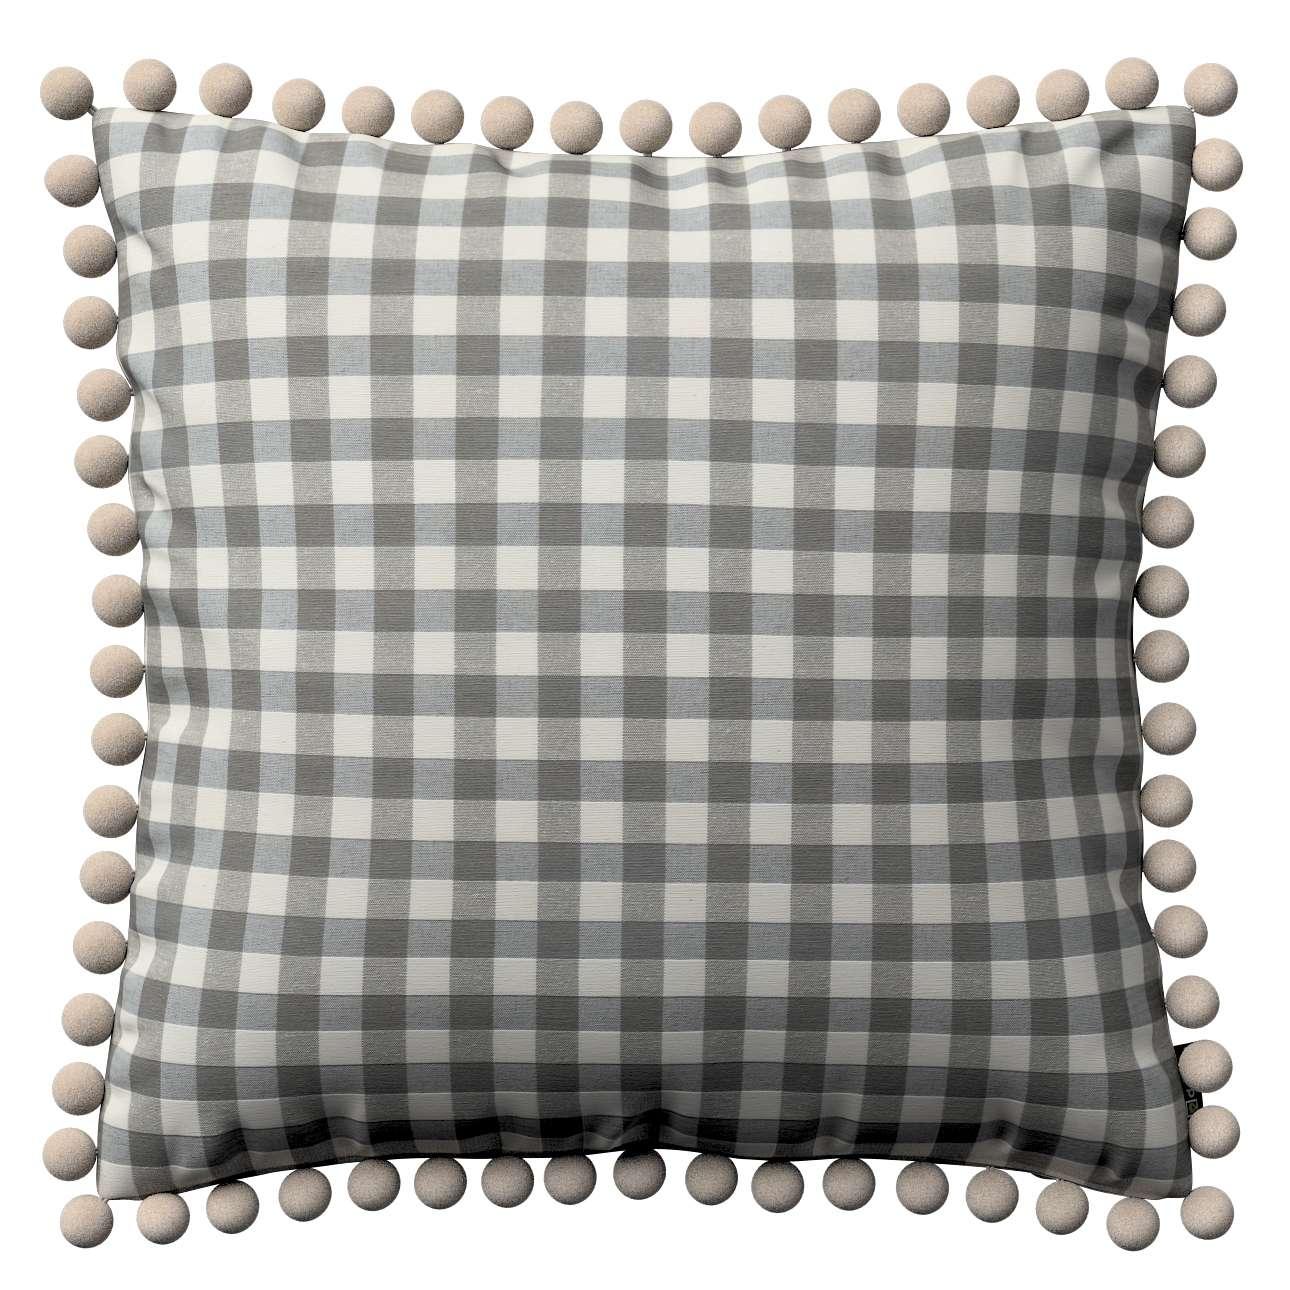 Wera dekoratyvinės pagalvėlės su žaismingais kraštais 45 x 45 cm kolekcijoje Quadro, audinys: 136-11